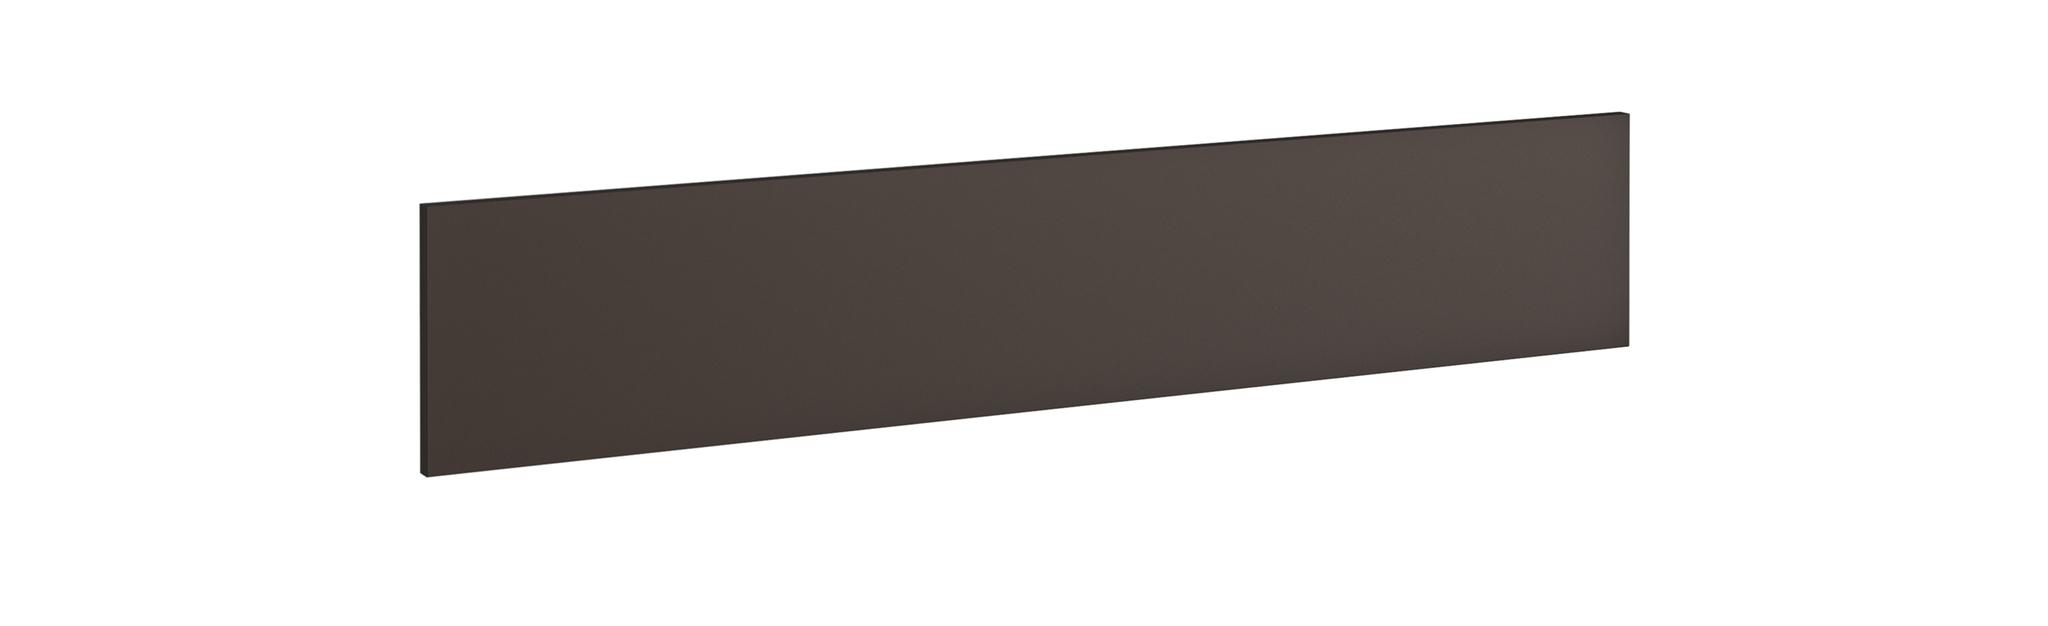 Voile de fond pour bureau MAMBO L160 cm - L130 x H25 cm - Chocolat